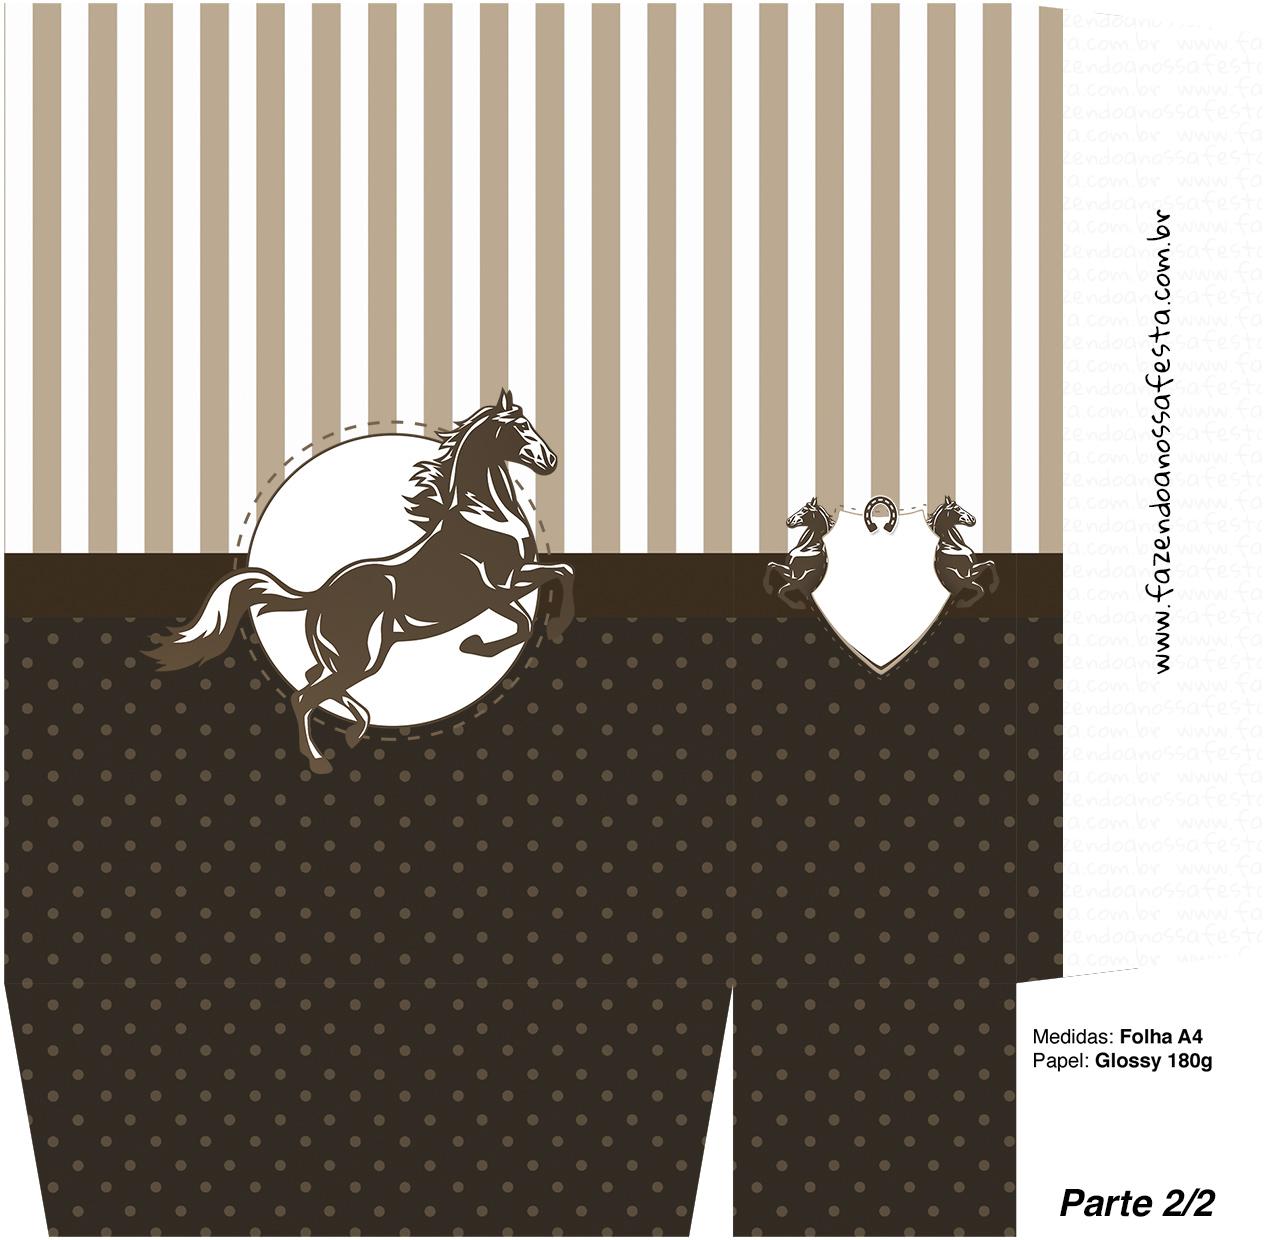 Sacolinha Cavalo - parte 2